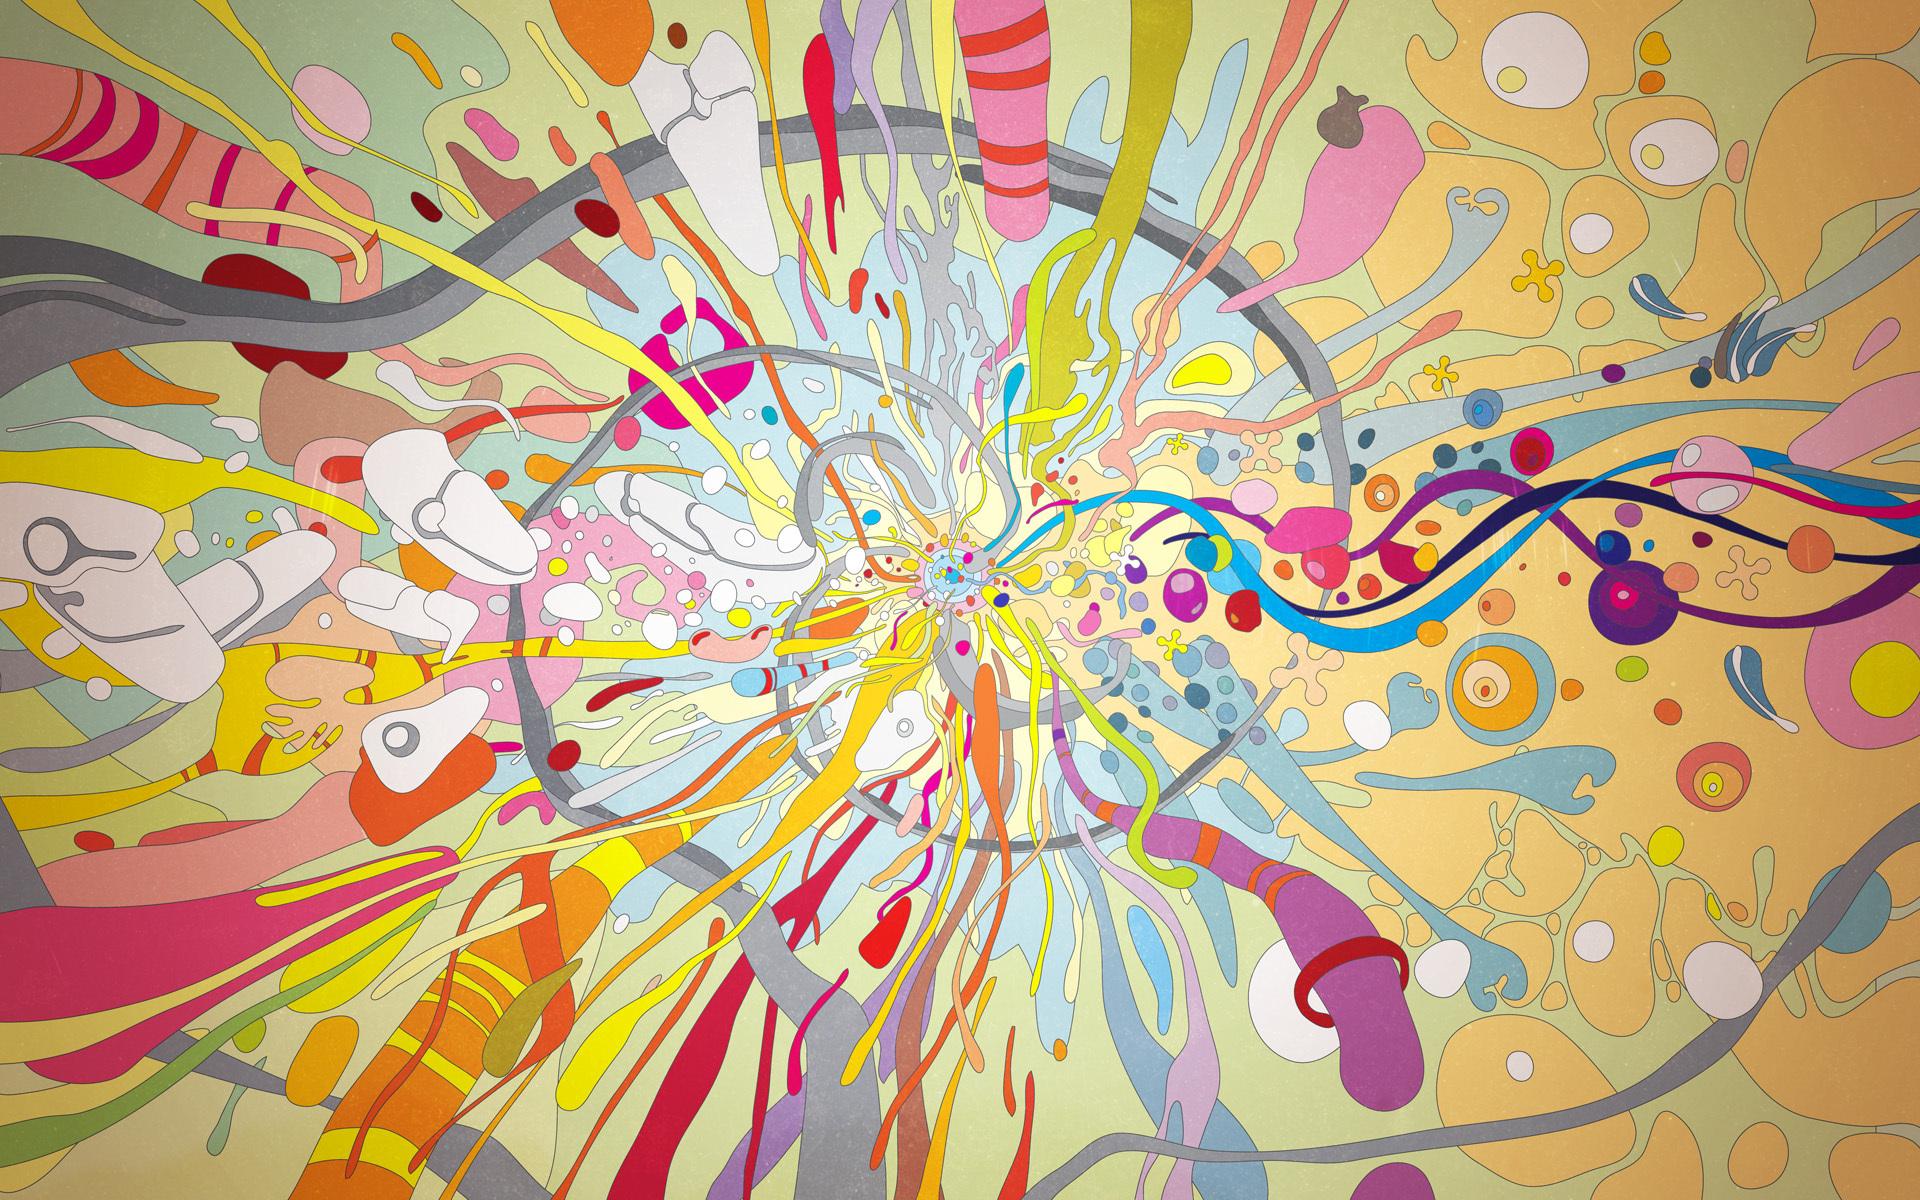 ручей абстракции в дизайне в картинках этом разделе нашего